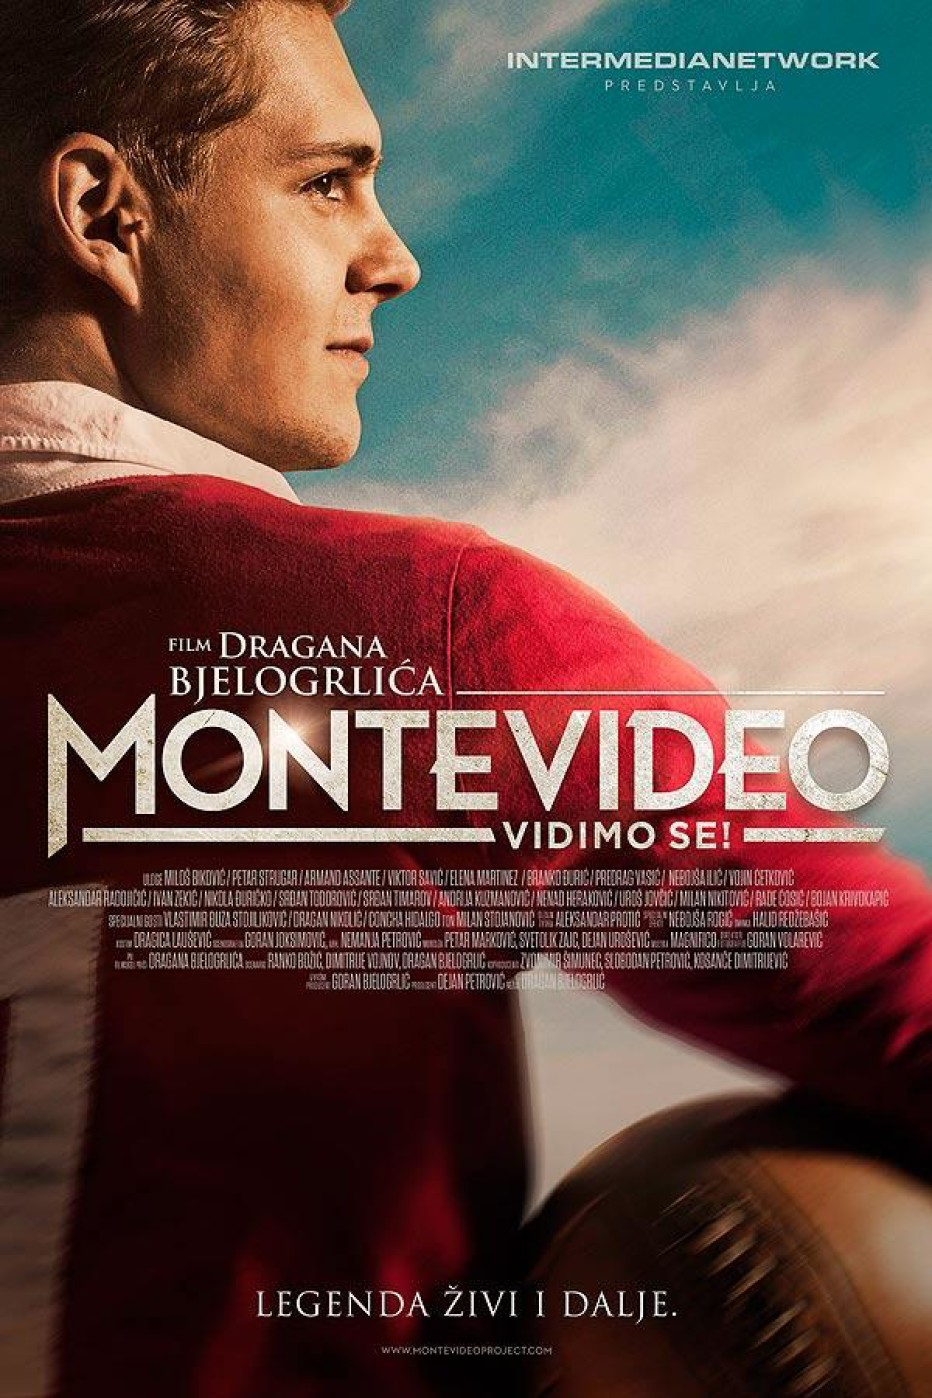 Монтевидео, се гледаме!  Montevideo, vidimo se!